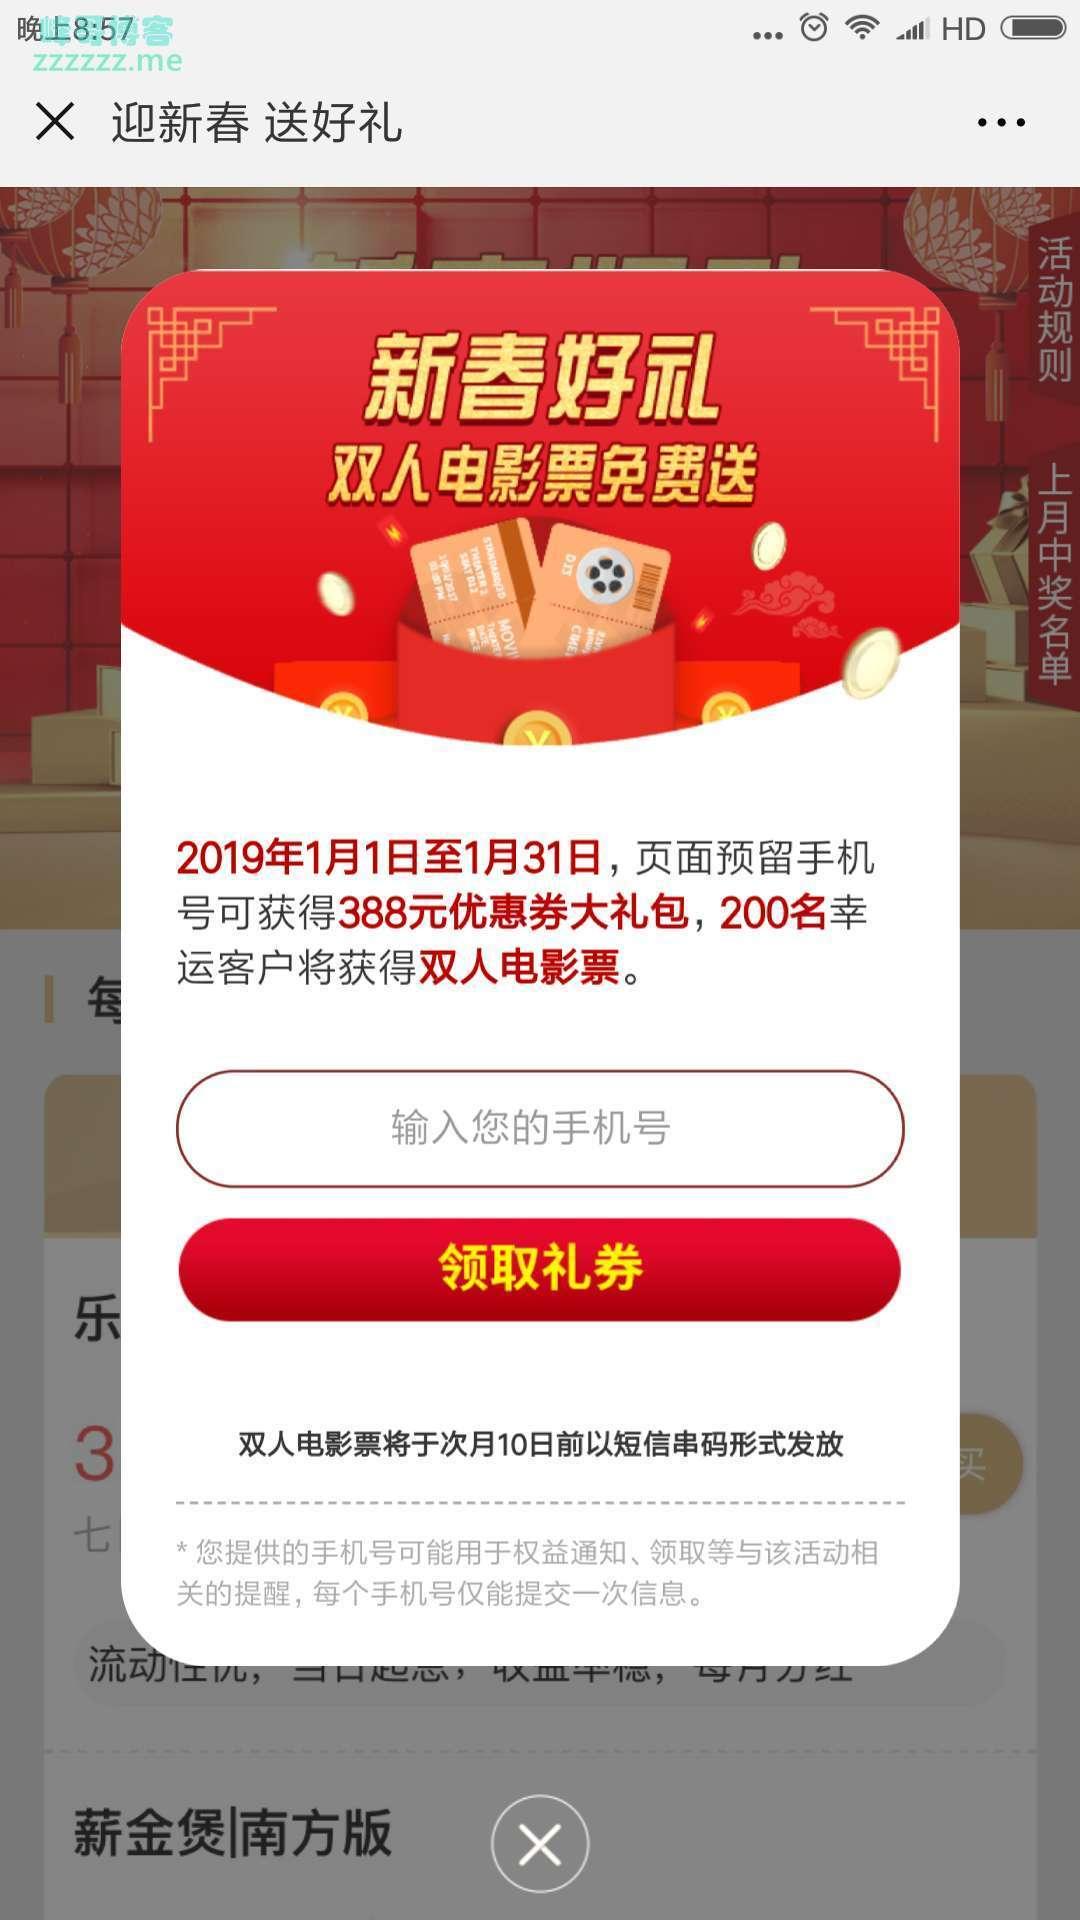 <中信银行>【新年好礼】双人电影票免费送(截止1月31日)